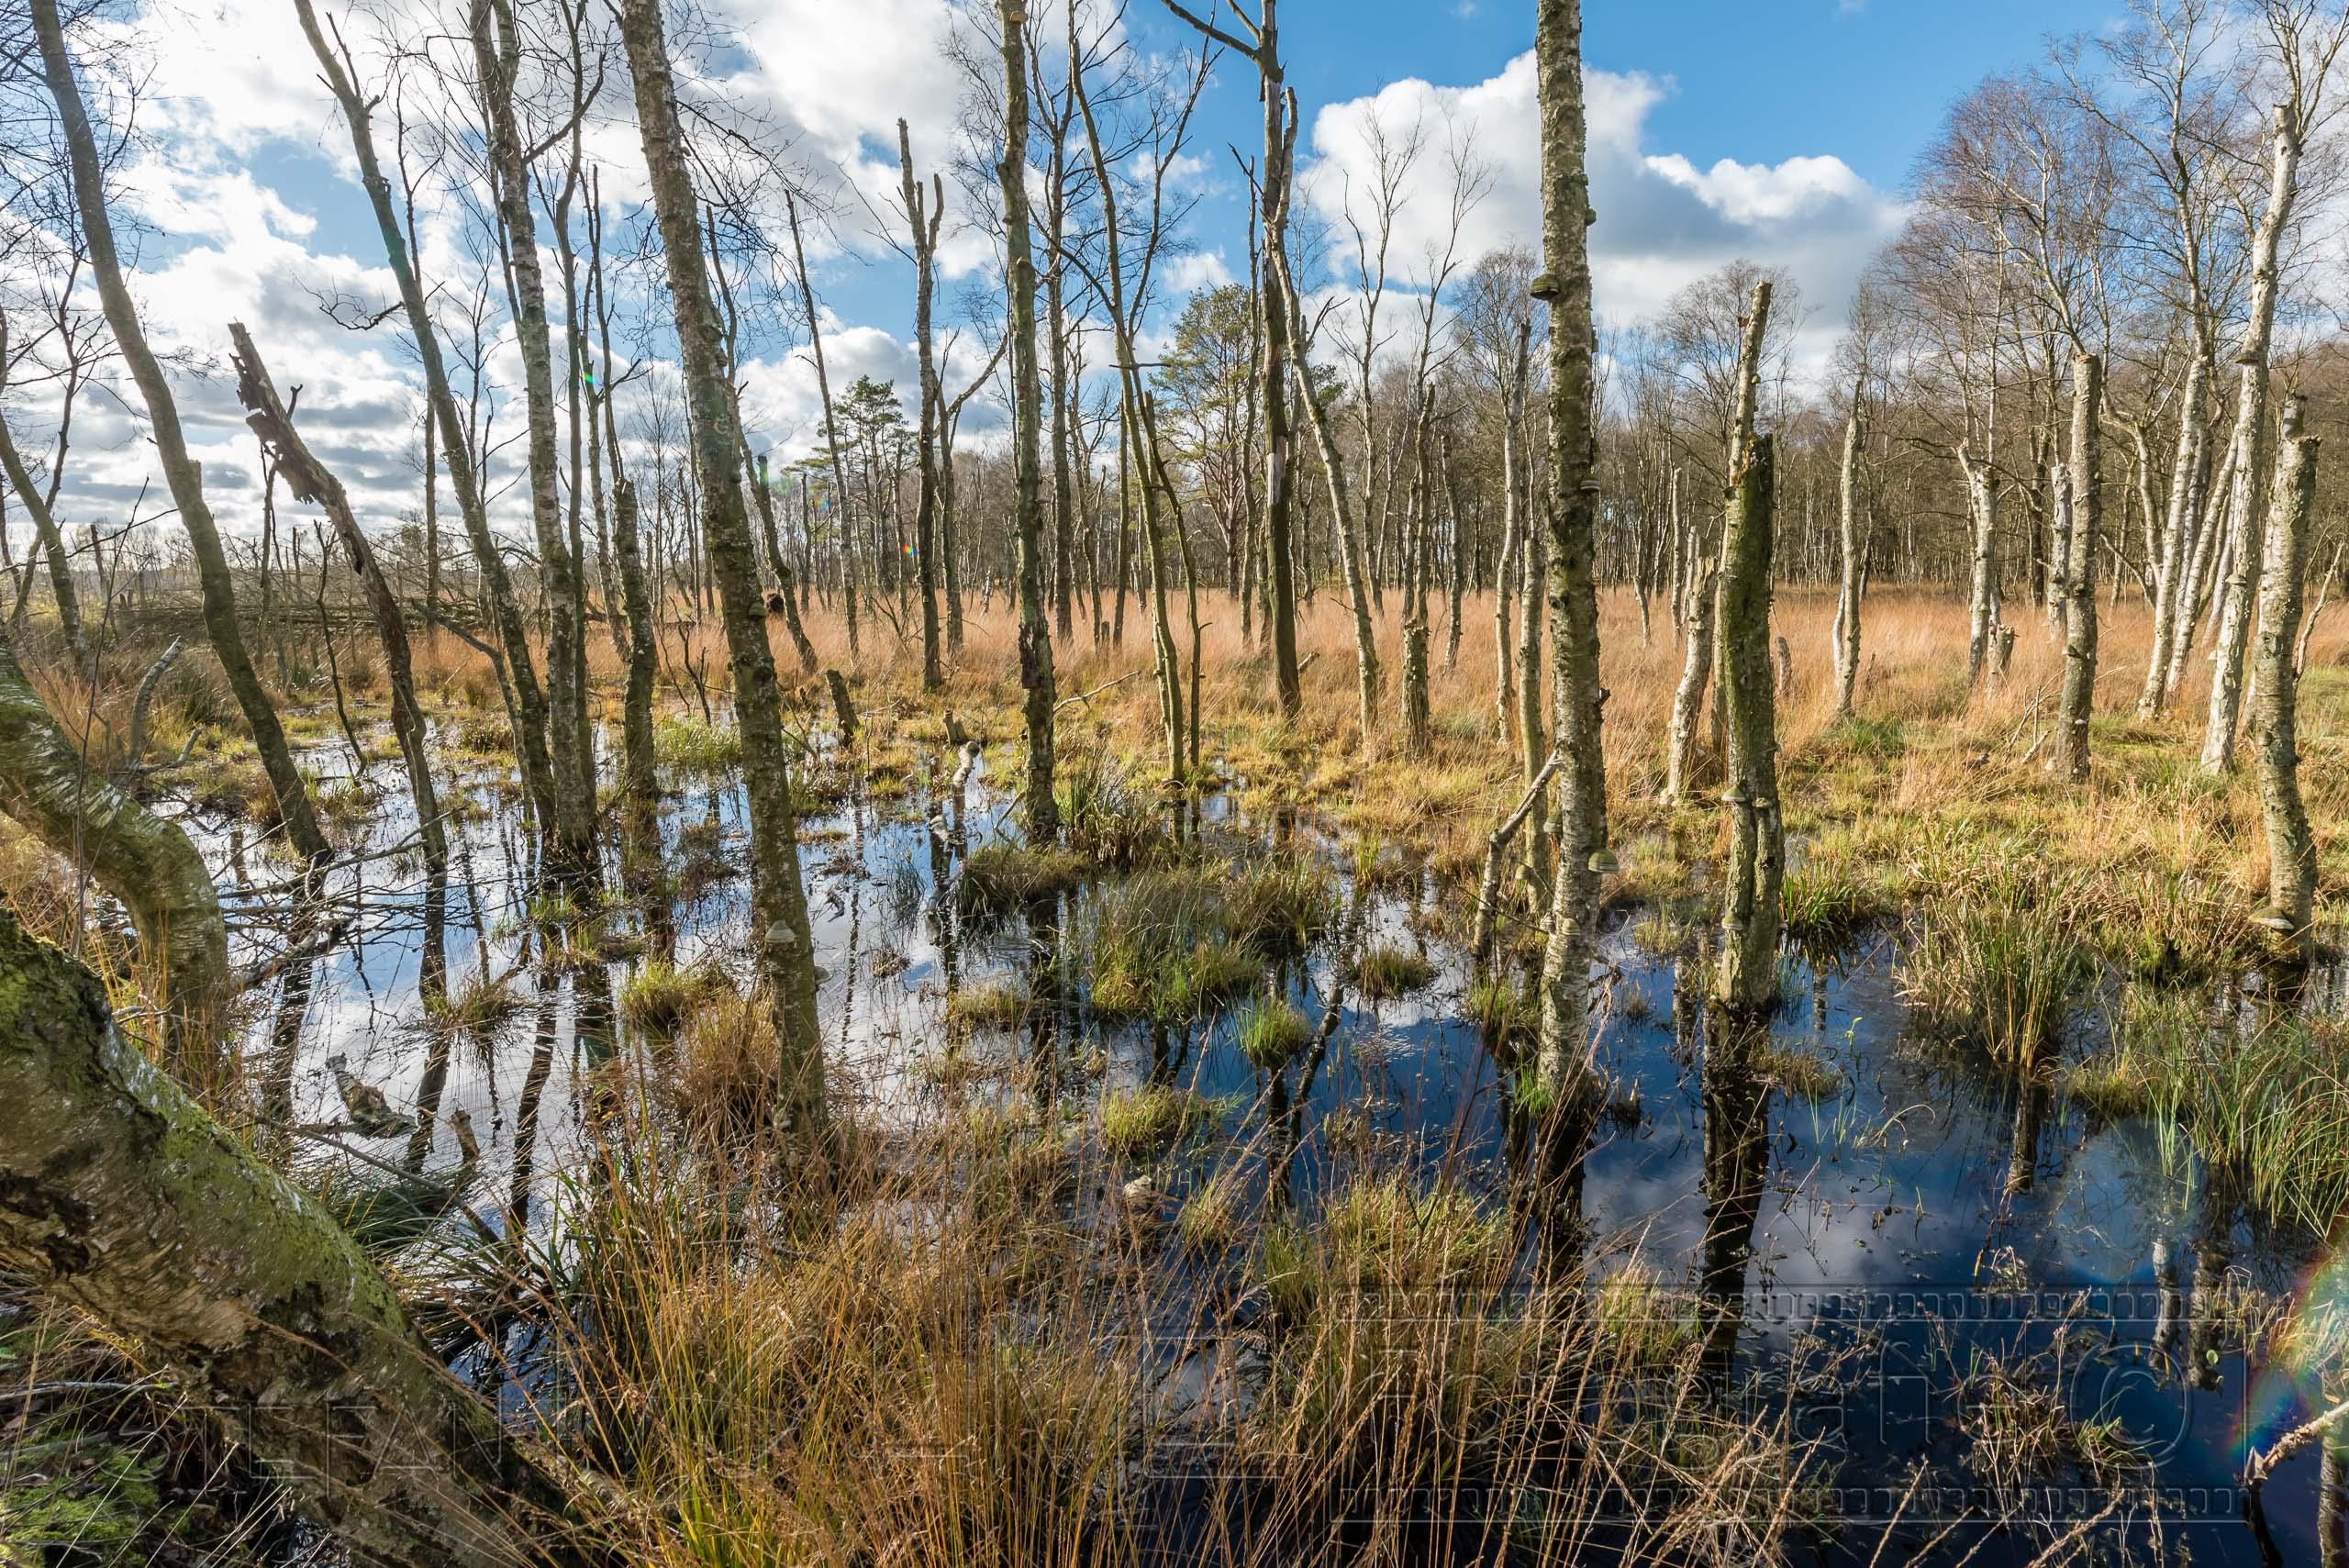 Naturschutzgebiet Dosenmoor in Schleswig Holstein.